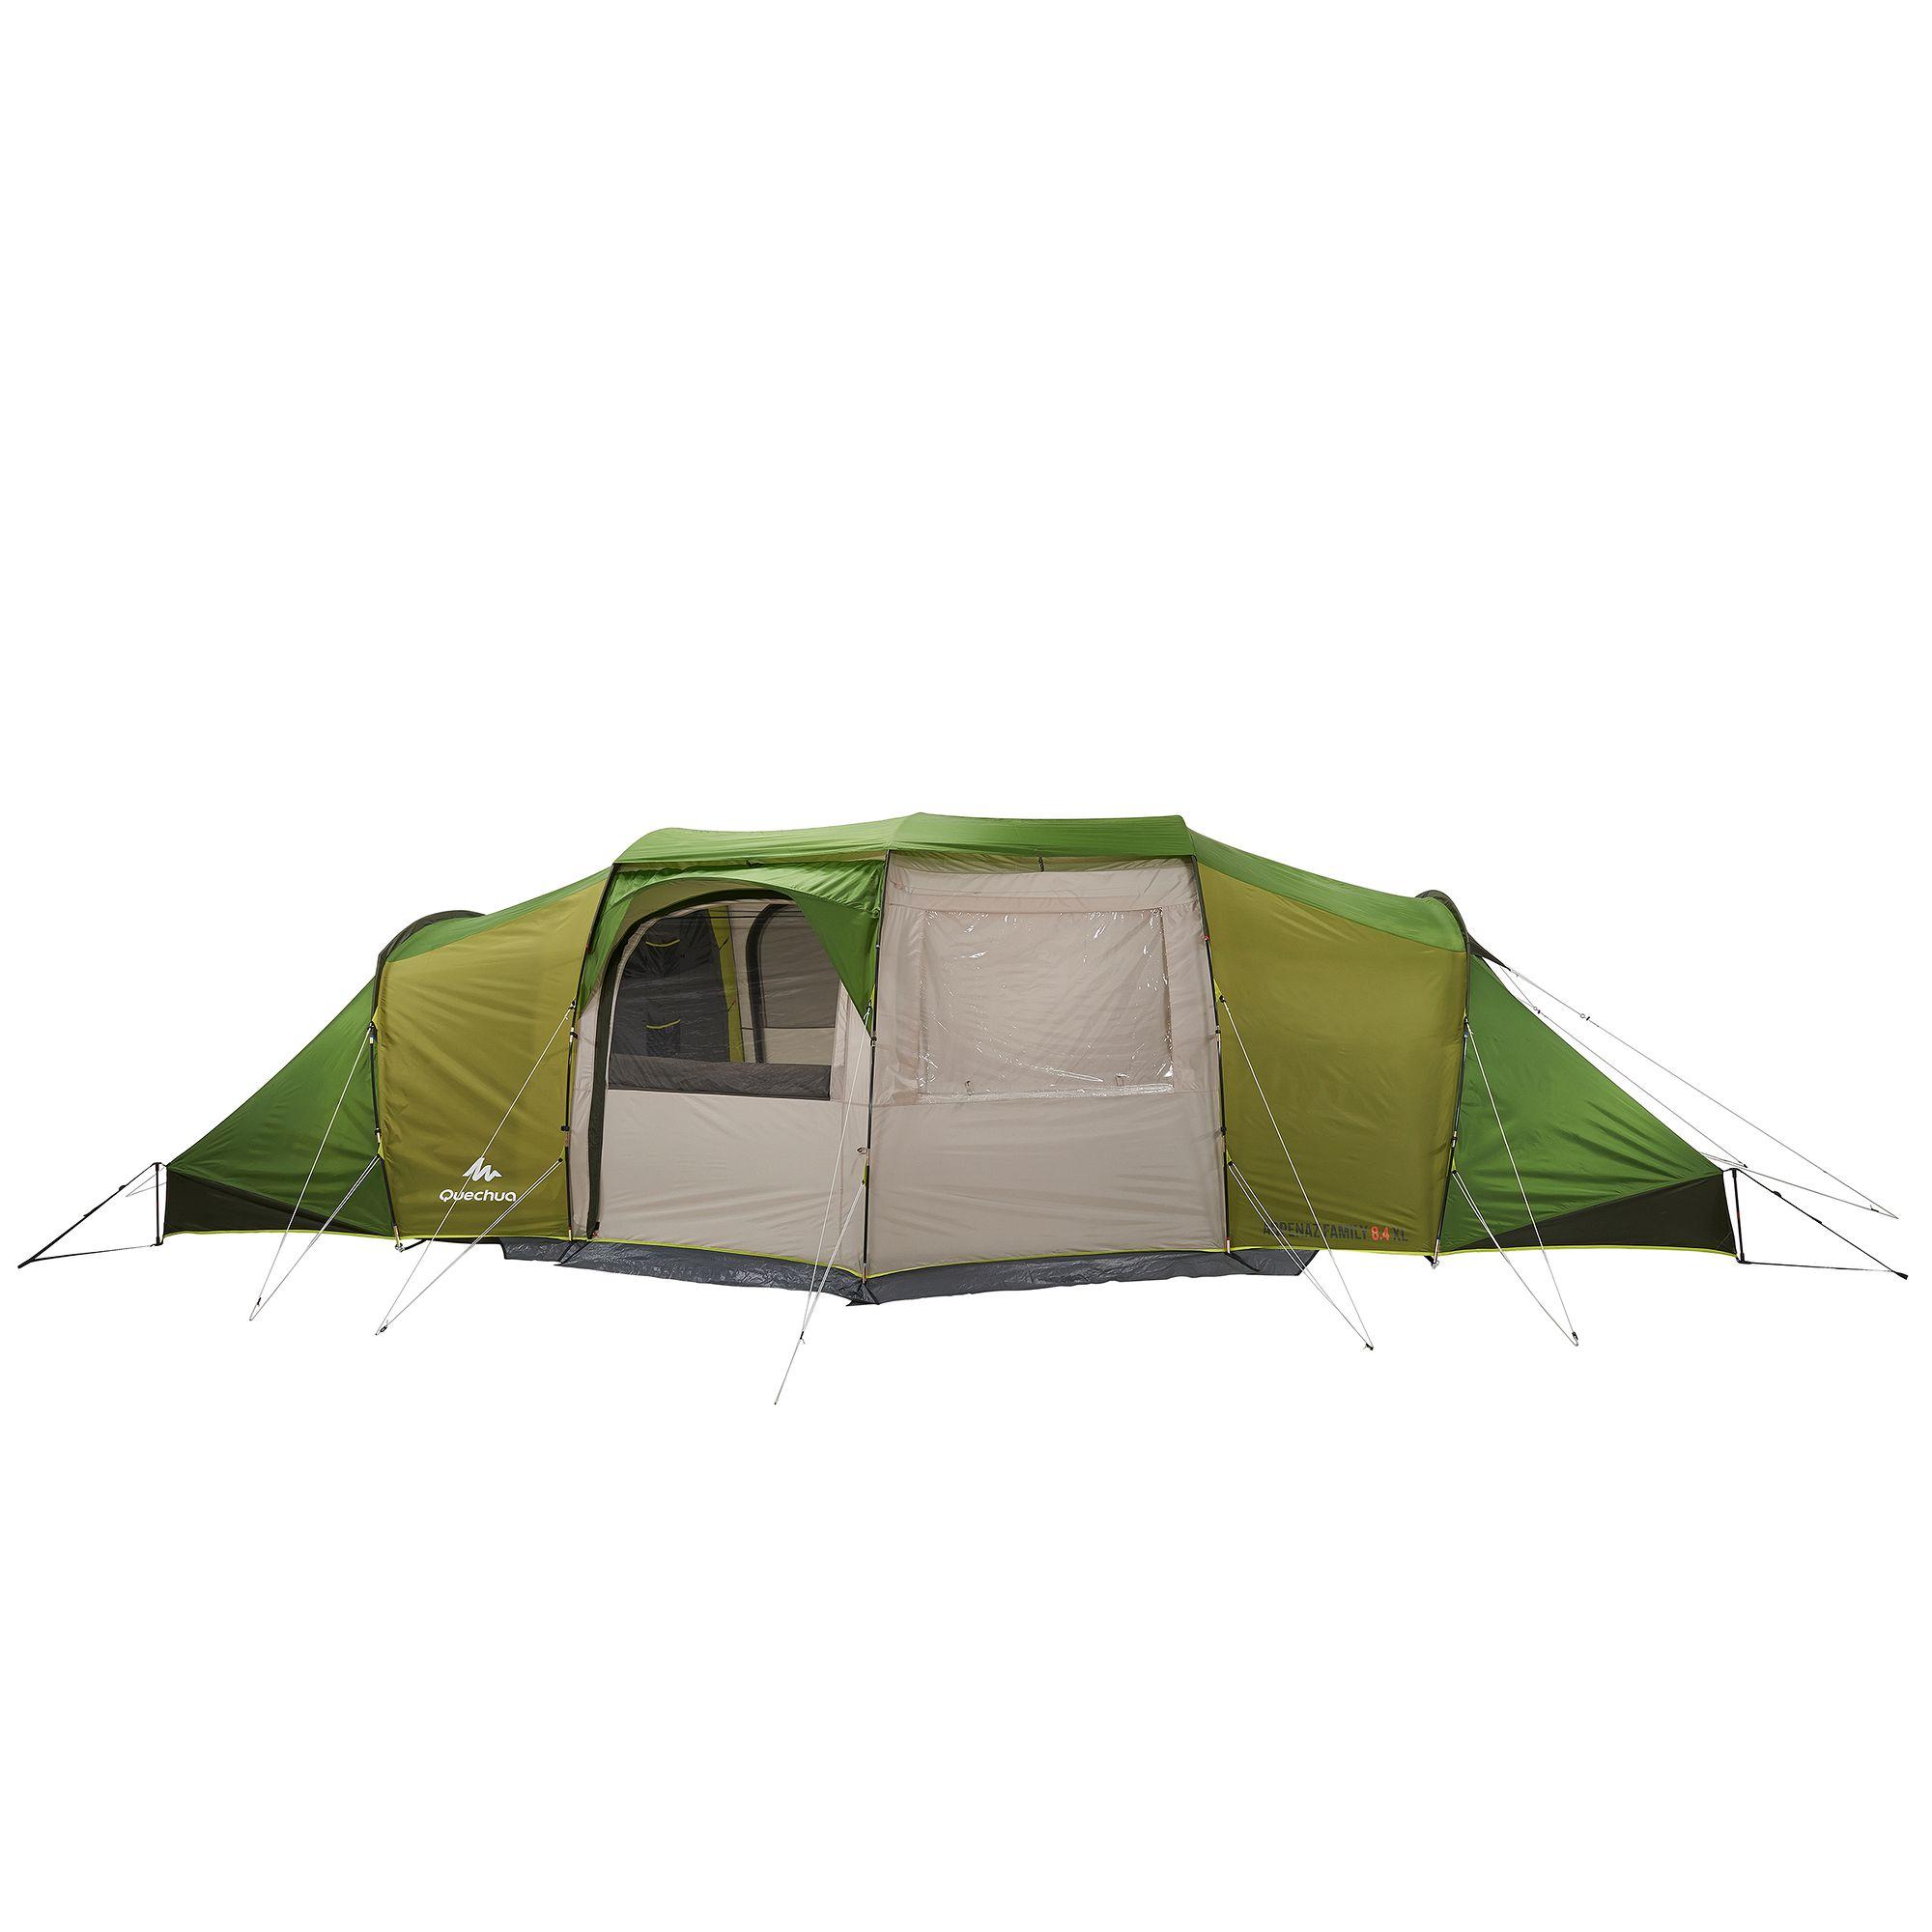 tente de camping familiale arpenaz 8 4 xl 8 personnes clubs collectivit s decathlon pro. Black Bedroom Furniture Sets. Home Design Ideas